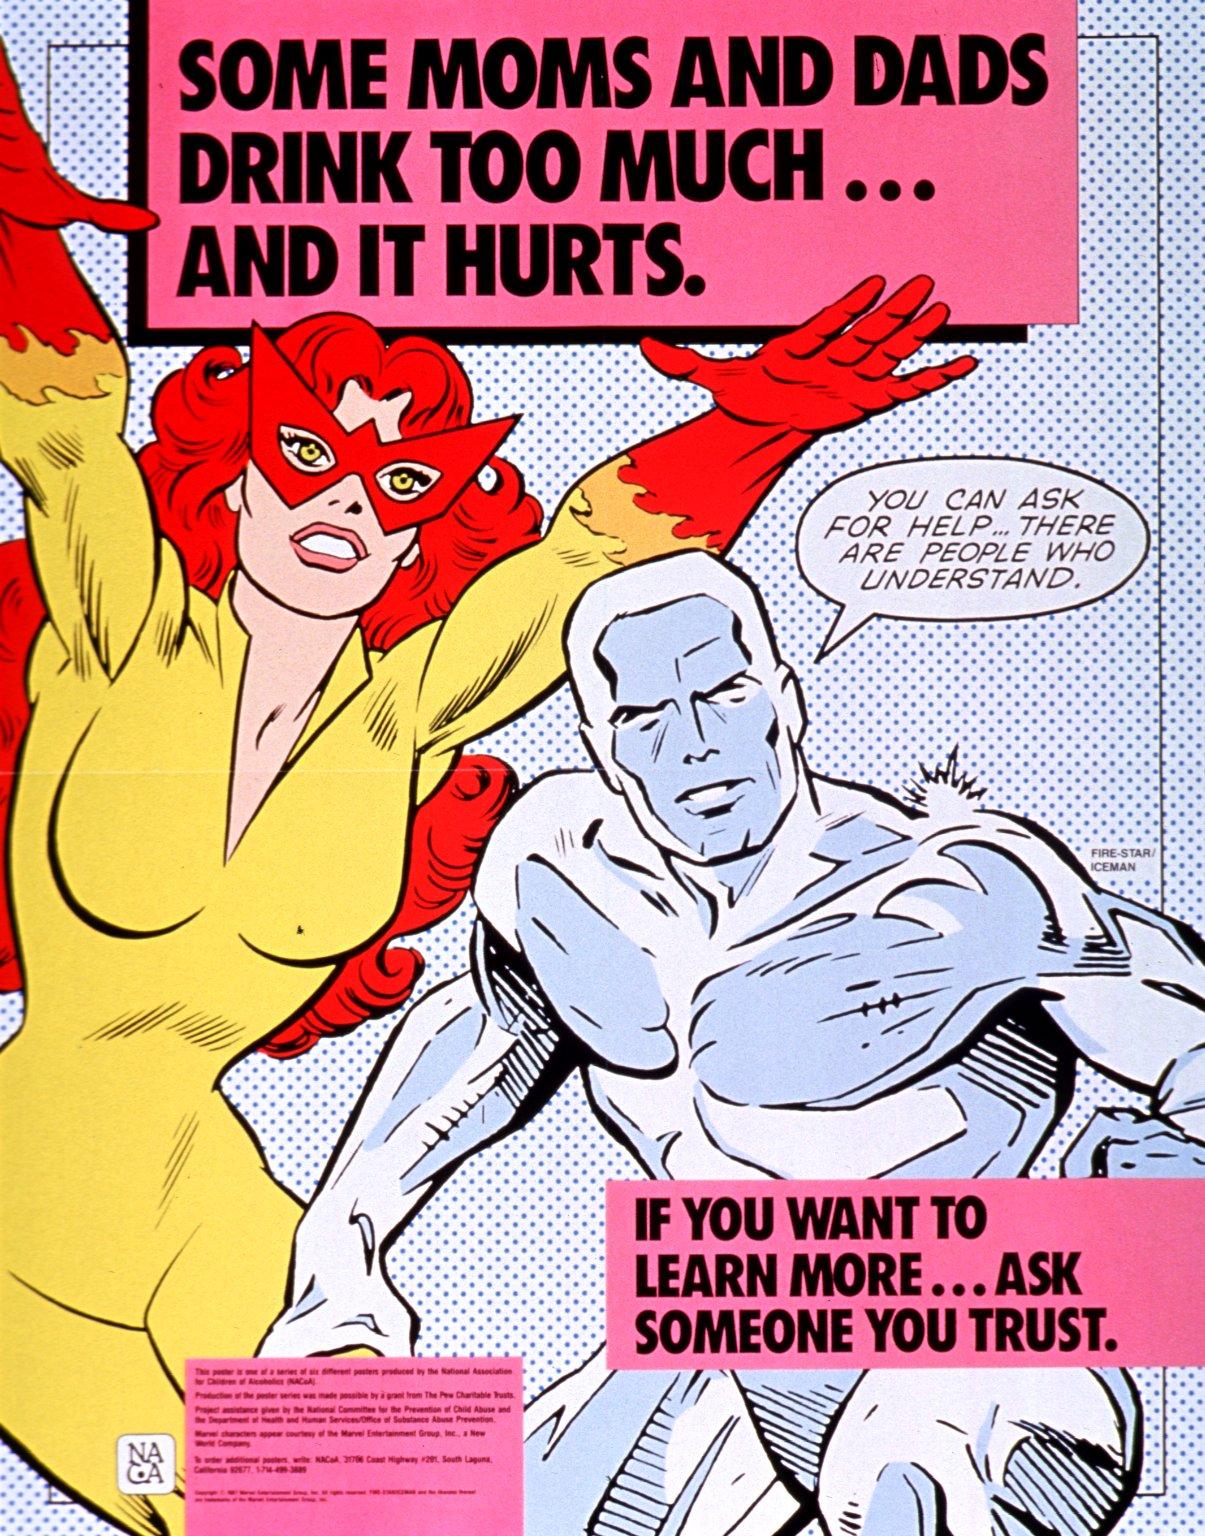 ComicsDC: May 2010